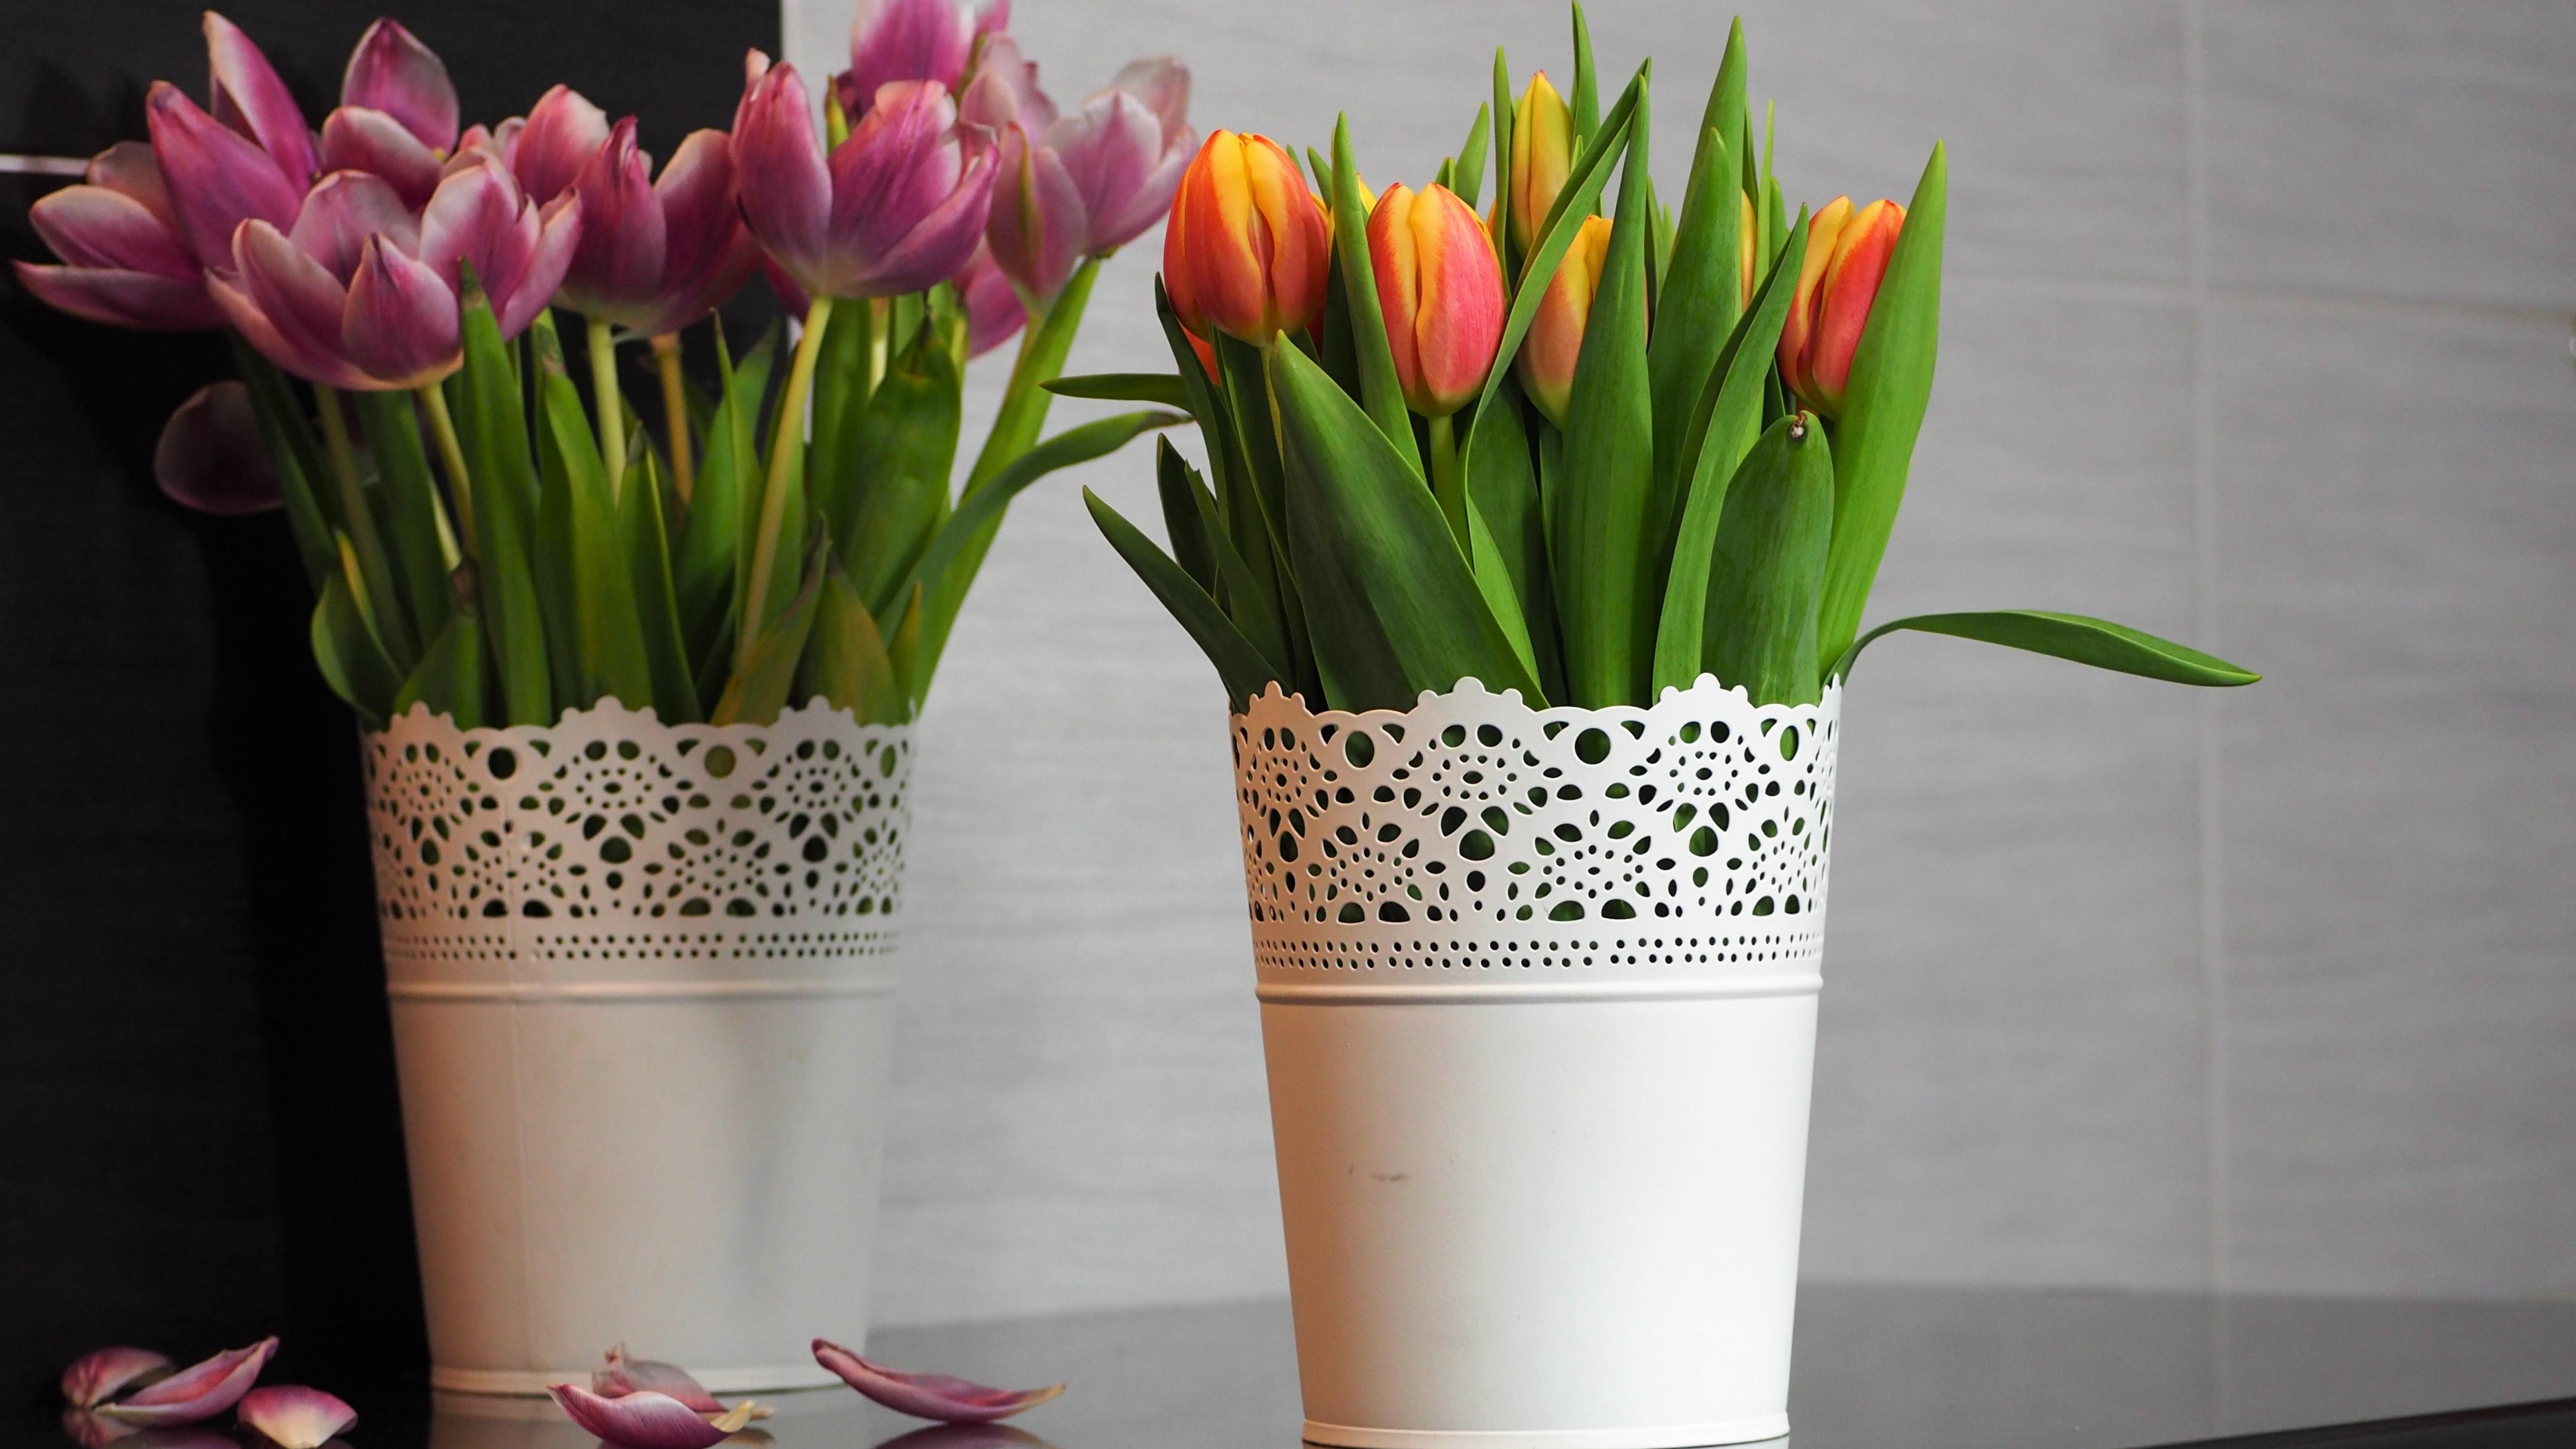 3 Tanie I Zaskakujaco Proste Sposoby Zeby Ciete Kwiaty Staly Dluzej Szalonooka Pl